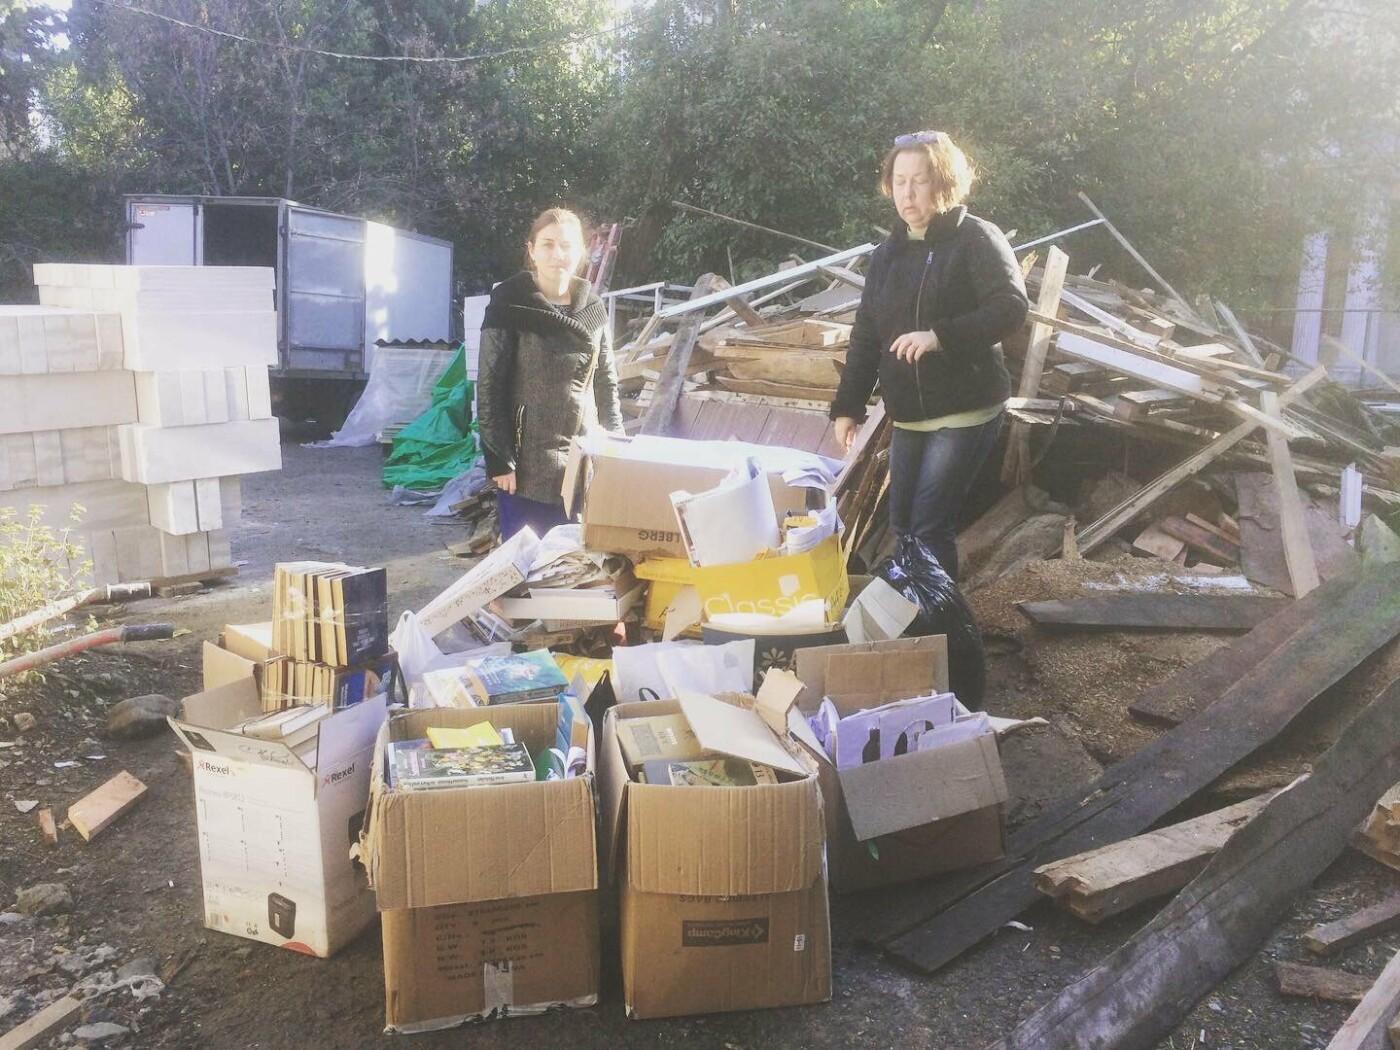 Сдай макулатуру – спаси дерево: в Ялте прошла соревновательно-экологическая акция, фото-1